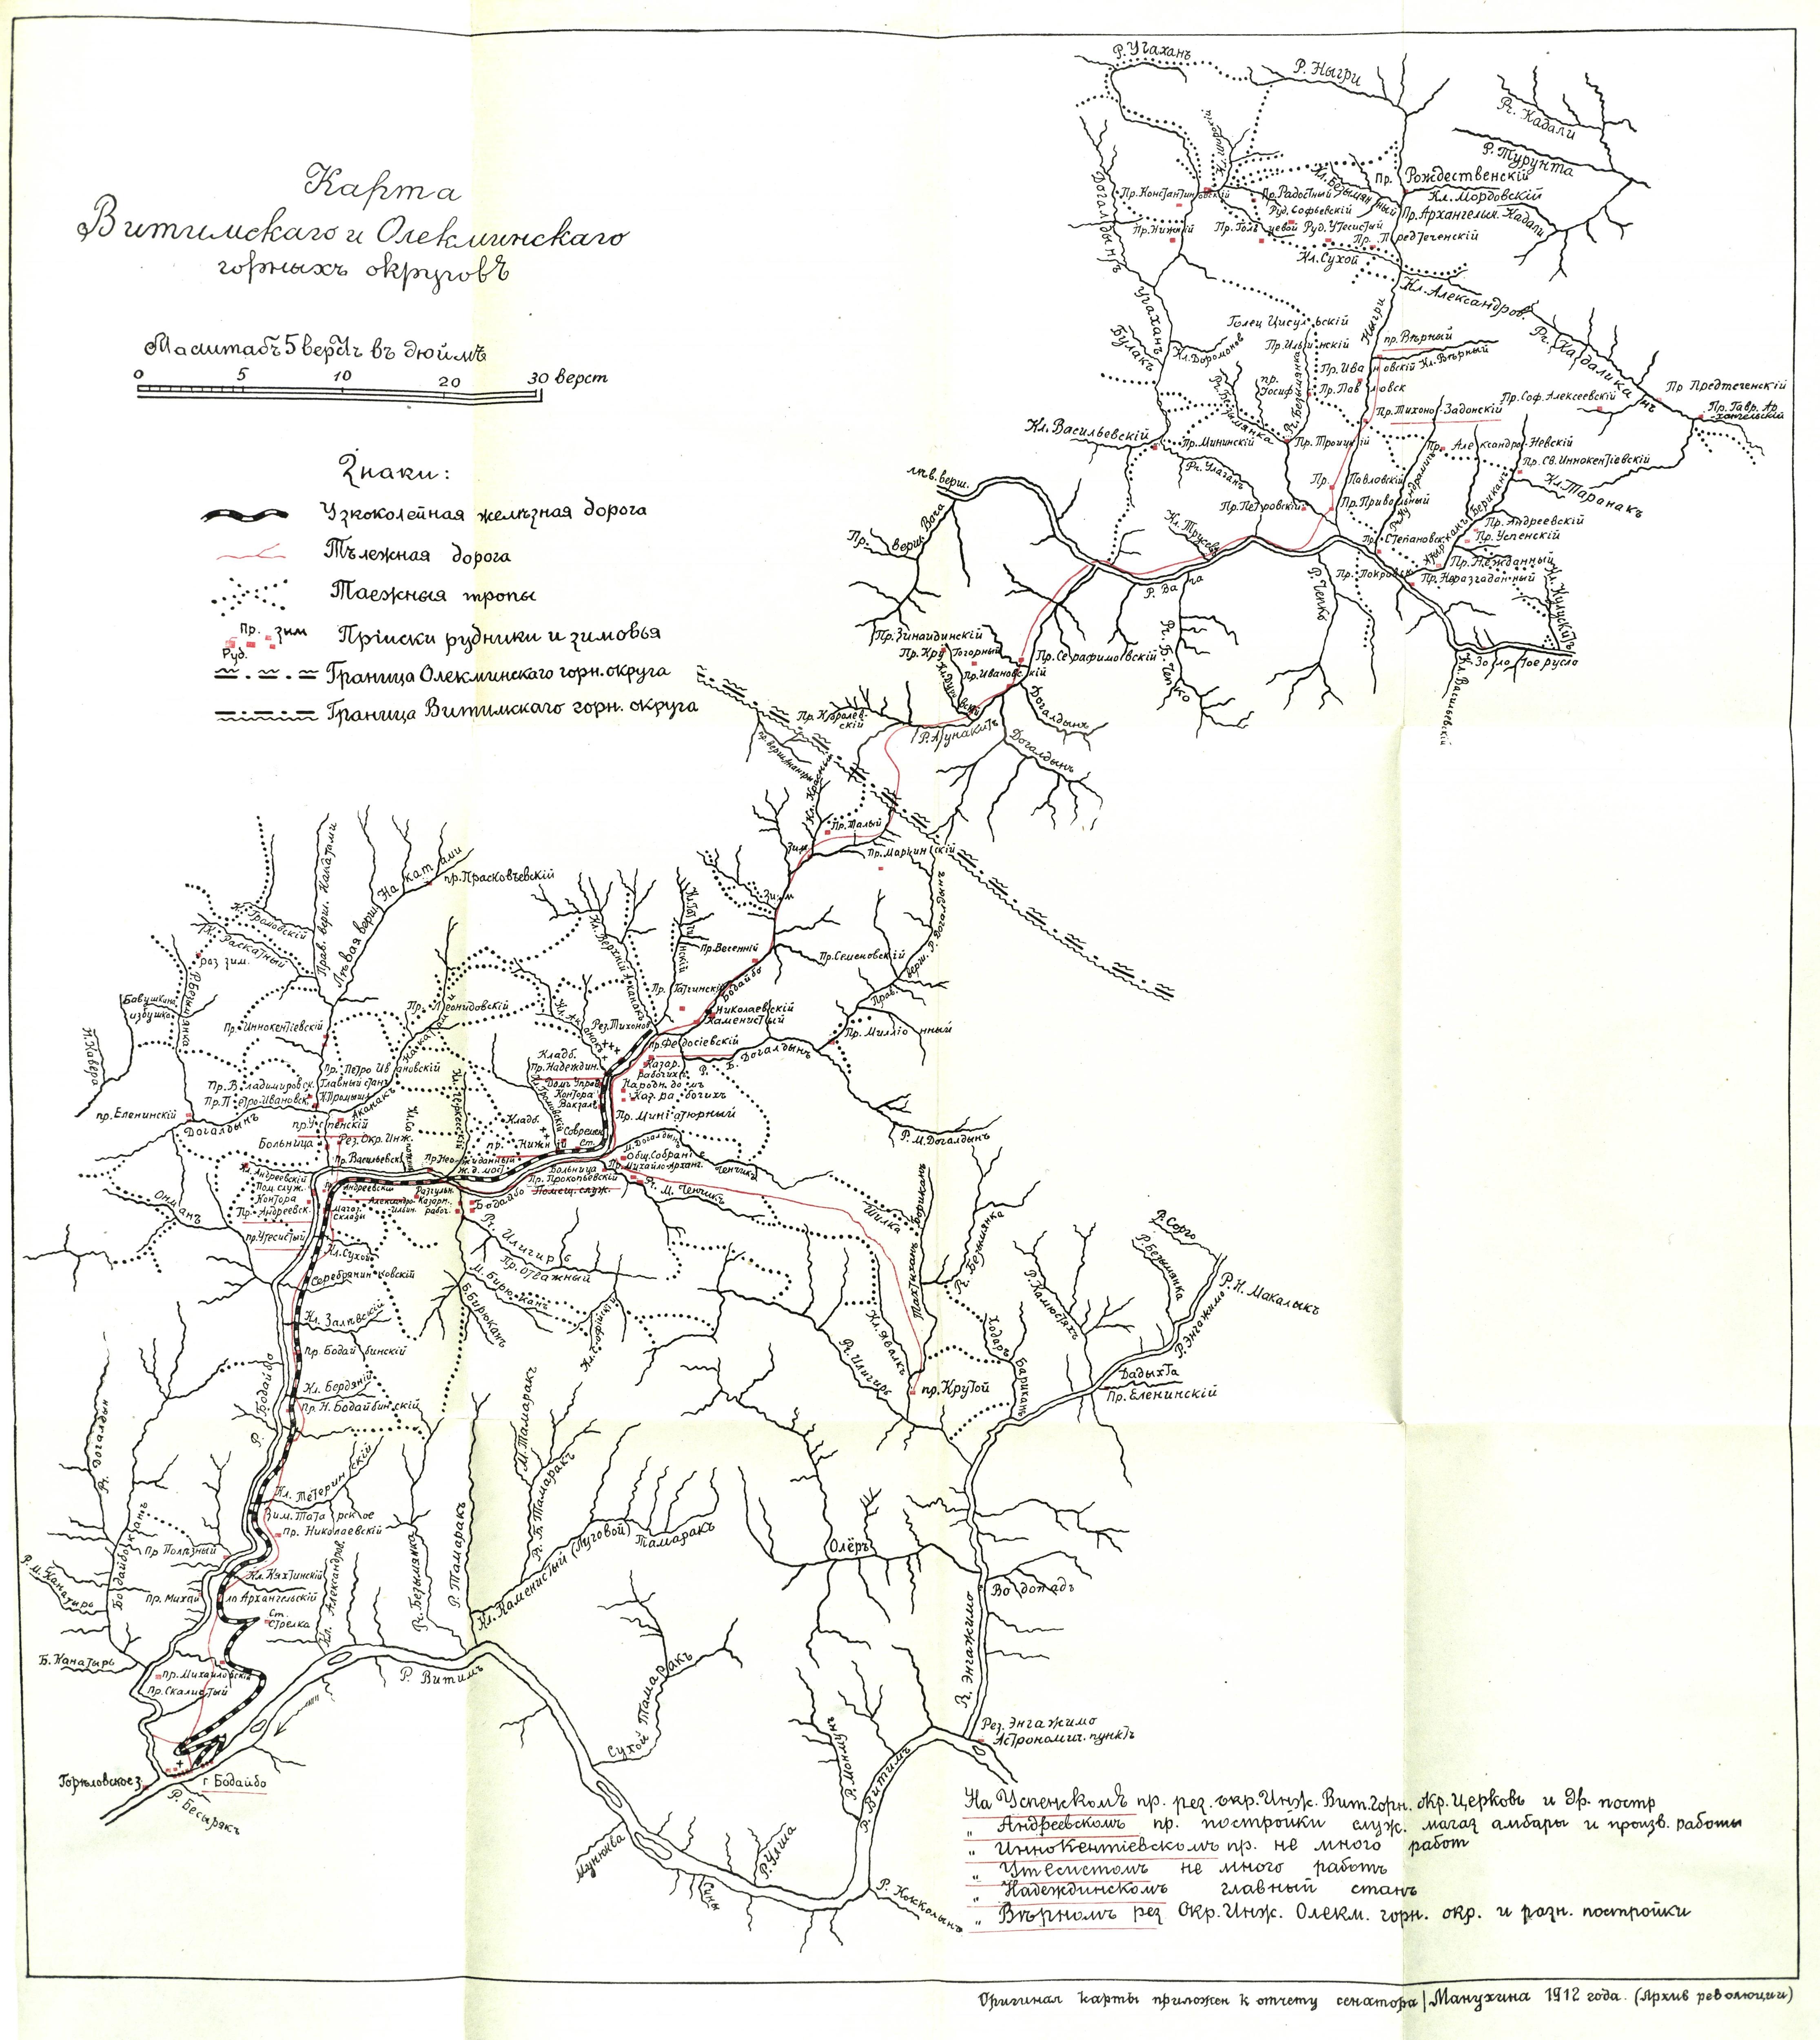 Карта Витимского и Олекминского горных округов из книги — Мунгалов Н.Н. Ленские золотые прииски (1846–1920 гг.). Исторический очерк